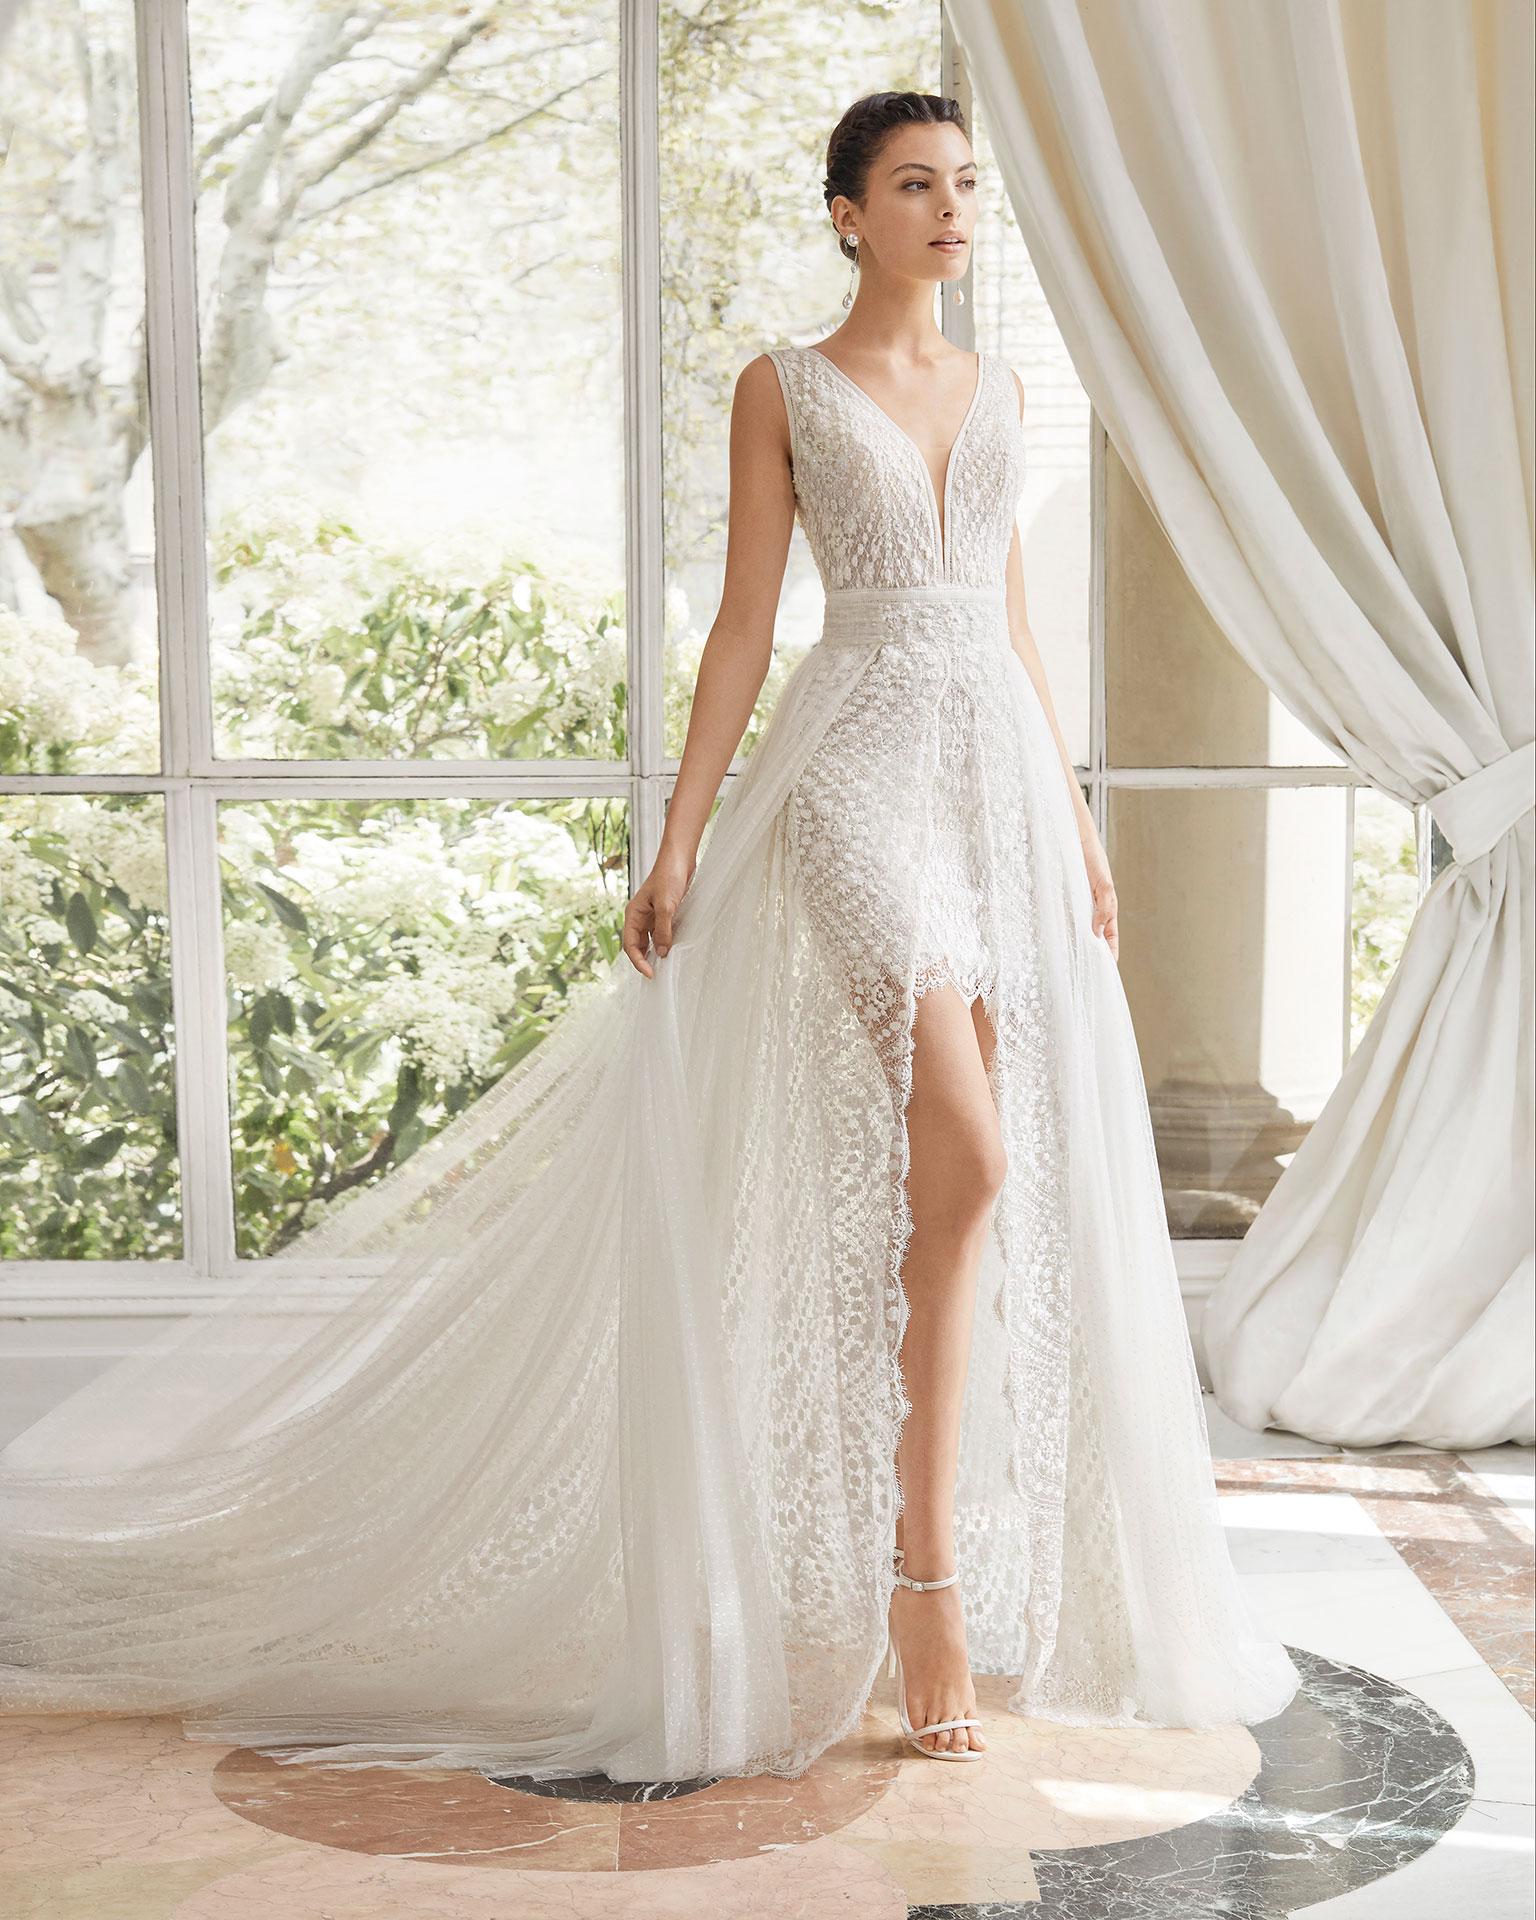 Wedding Gowns Chicago: Melanie By Rosa Clara